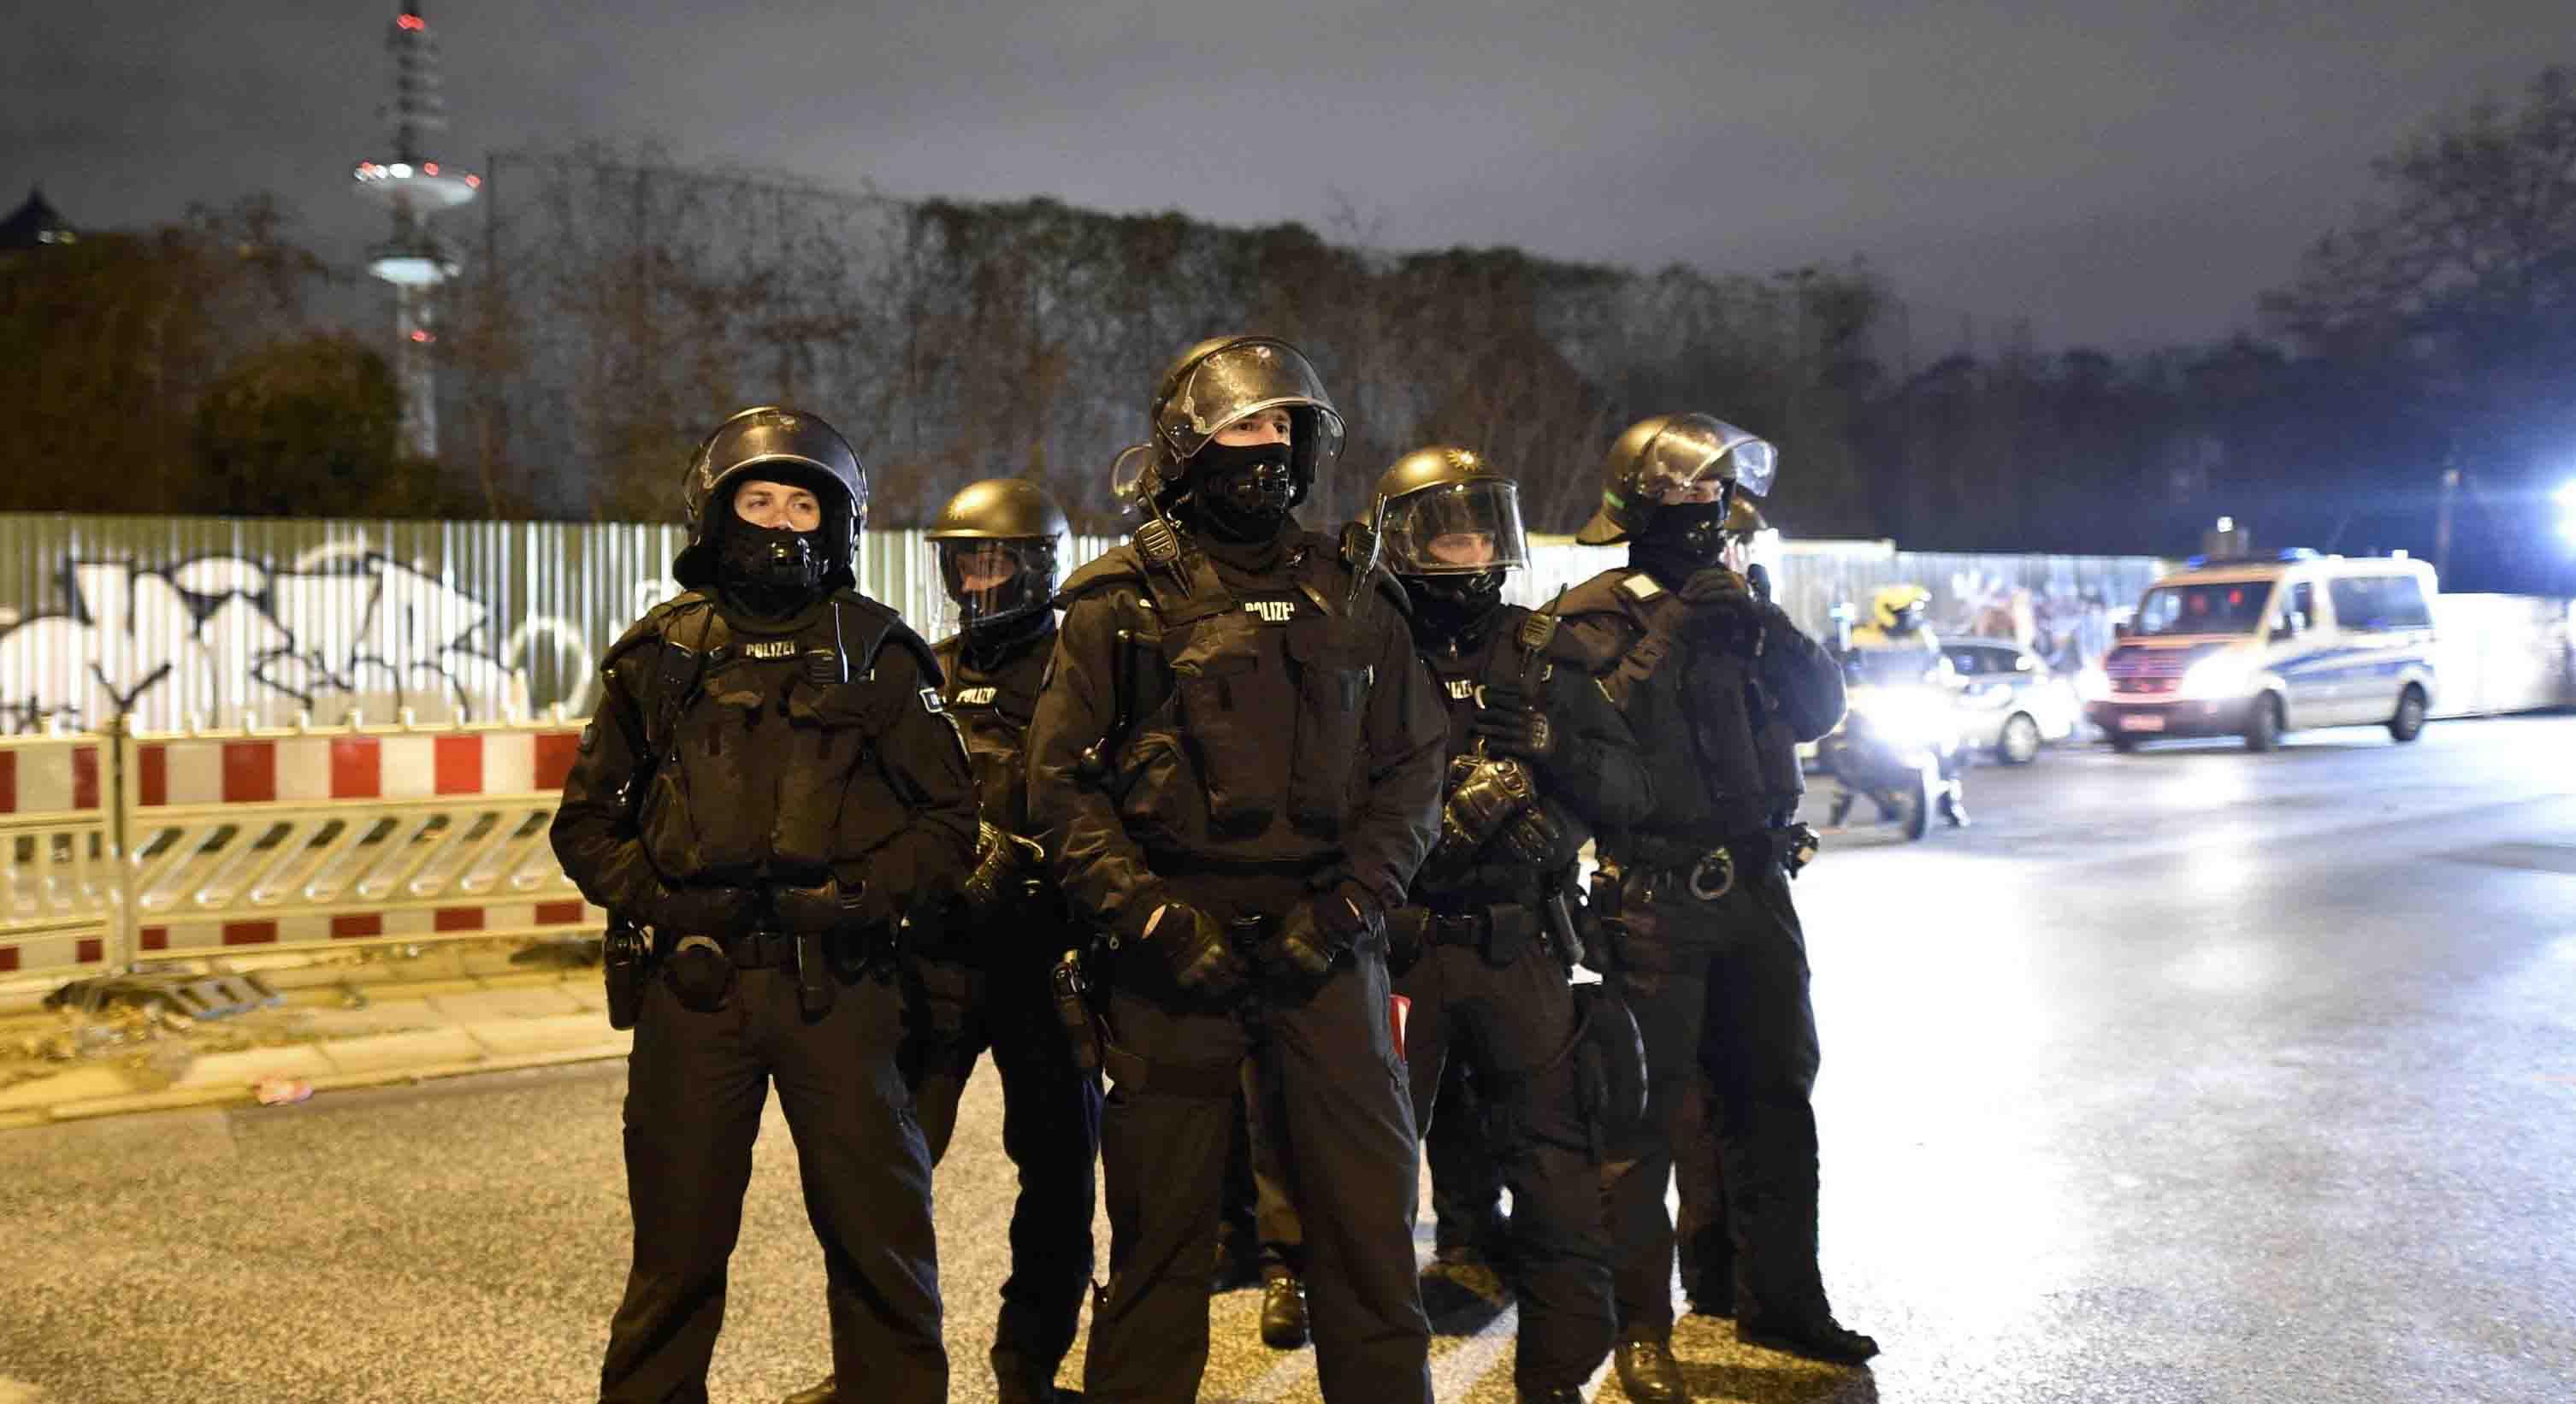 Tras los ataques ocurridos en la ciudad alemana el pasado diciembre de 2015 las autoridades estarán más alertas